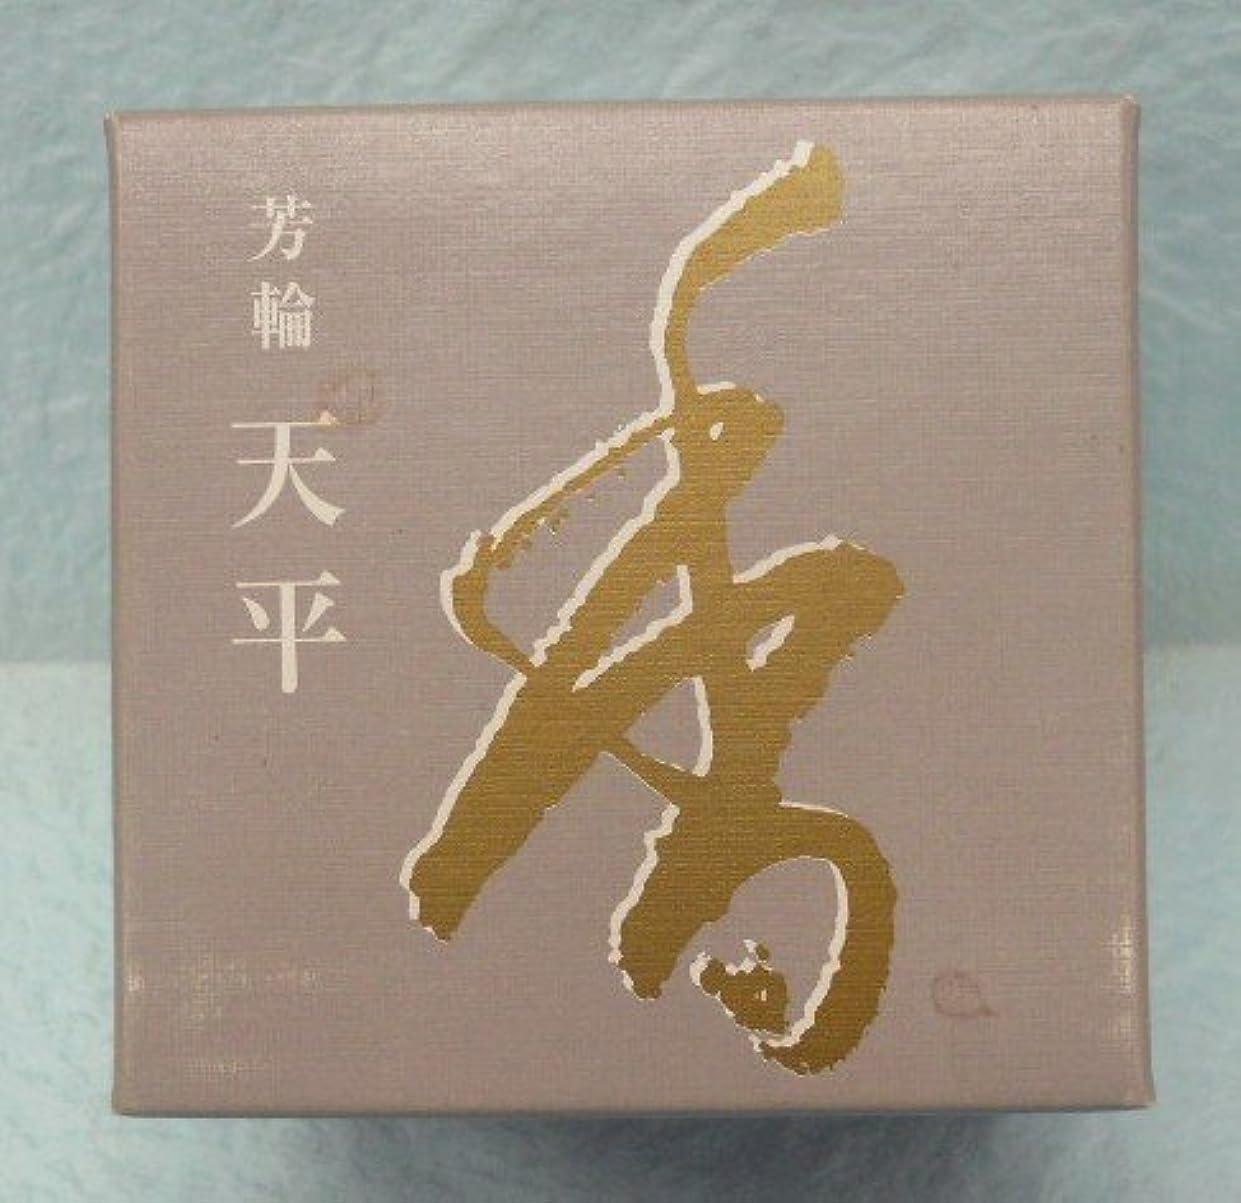 気難しいフラスコ適用する《茶道具?お香》お香 芳輪?天平 渦巻10枚 松栄堂製